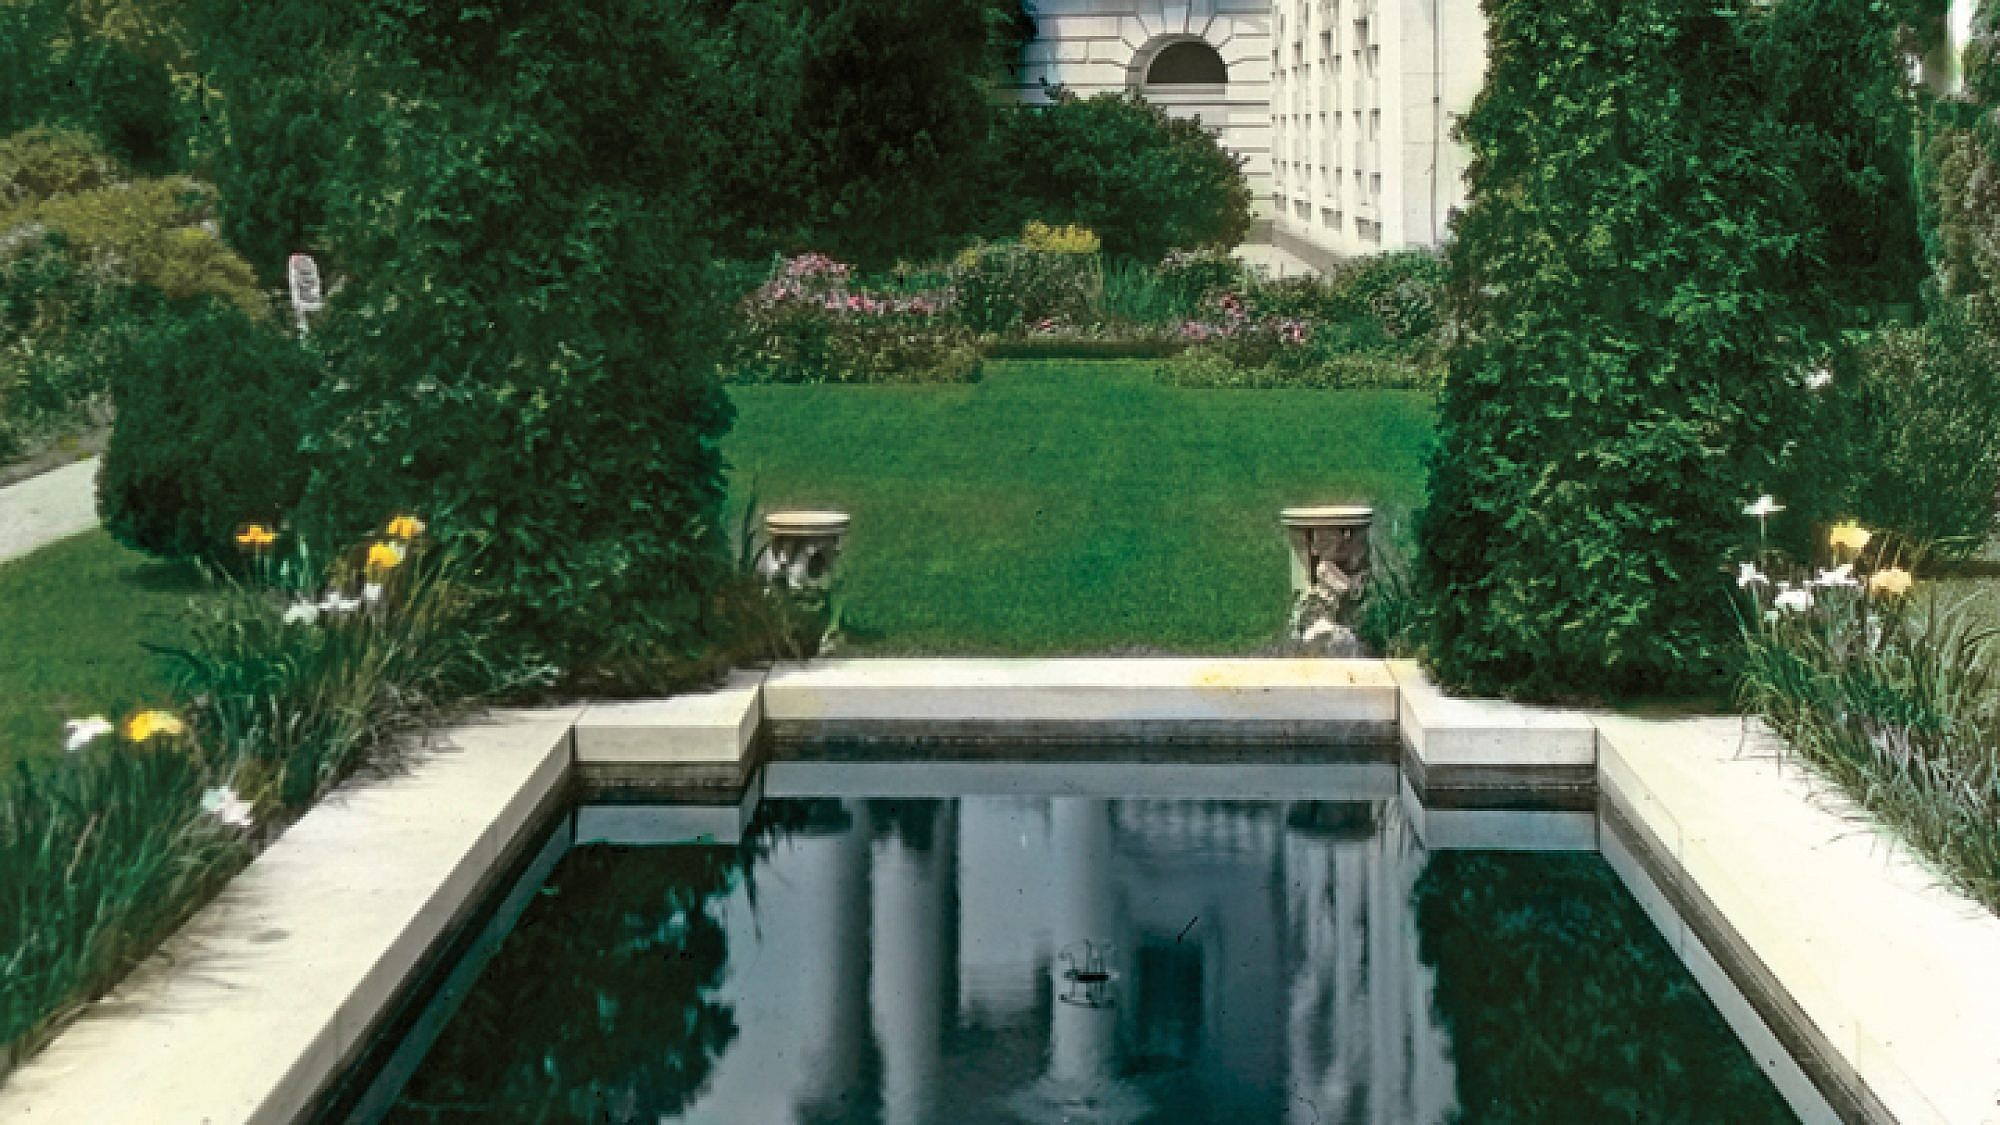 הבית הלבן, הגן הדרום מערבי בבית הלבן, תכנון: Beatrix Farrand. צילום: באדיבות The New York Botanical Garden